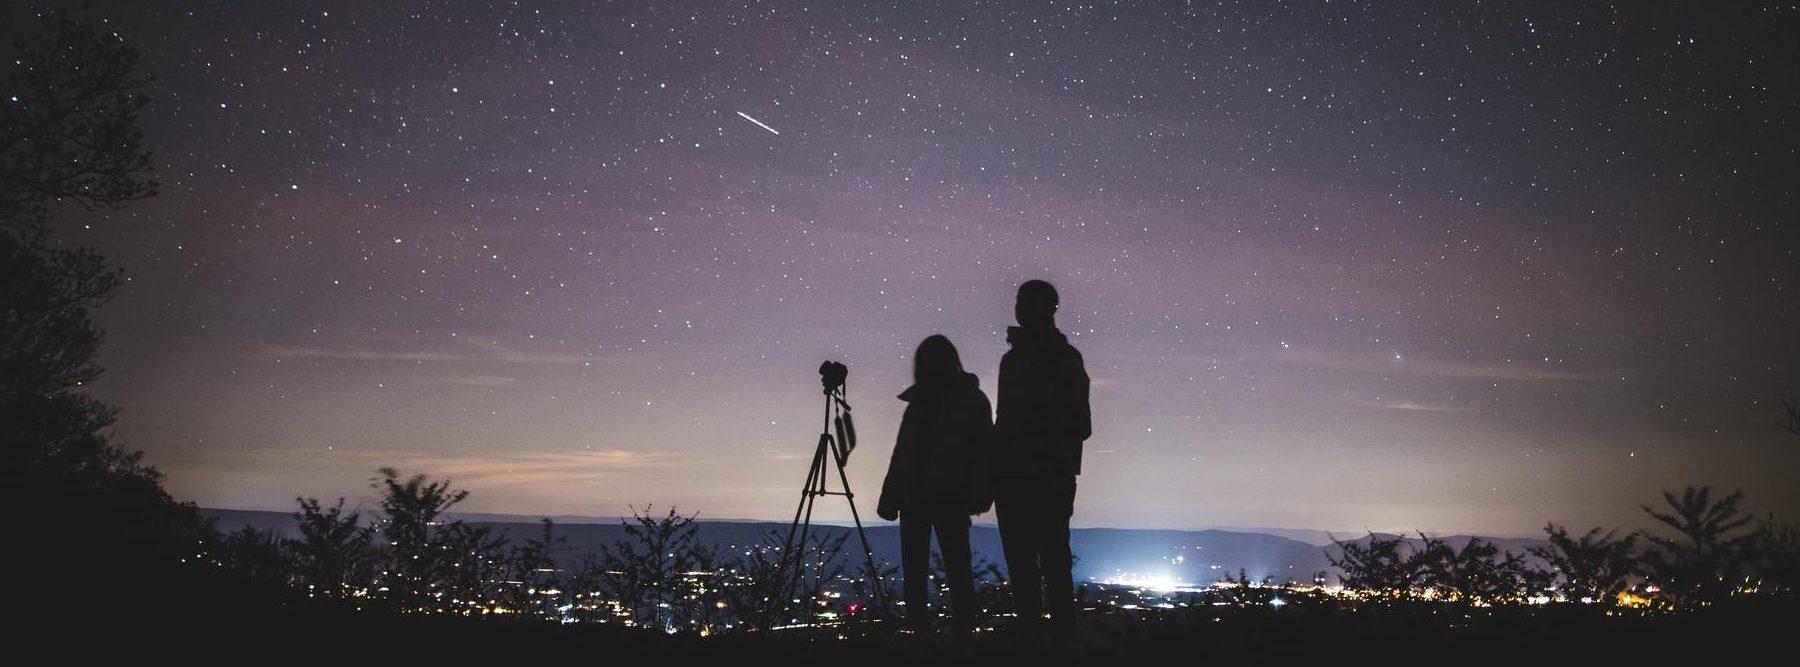 El telescopio: una forma de tener el universo en tus manos